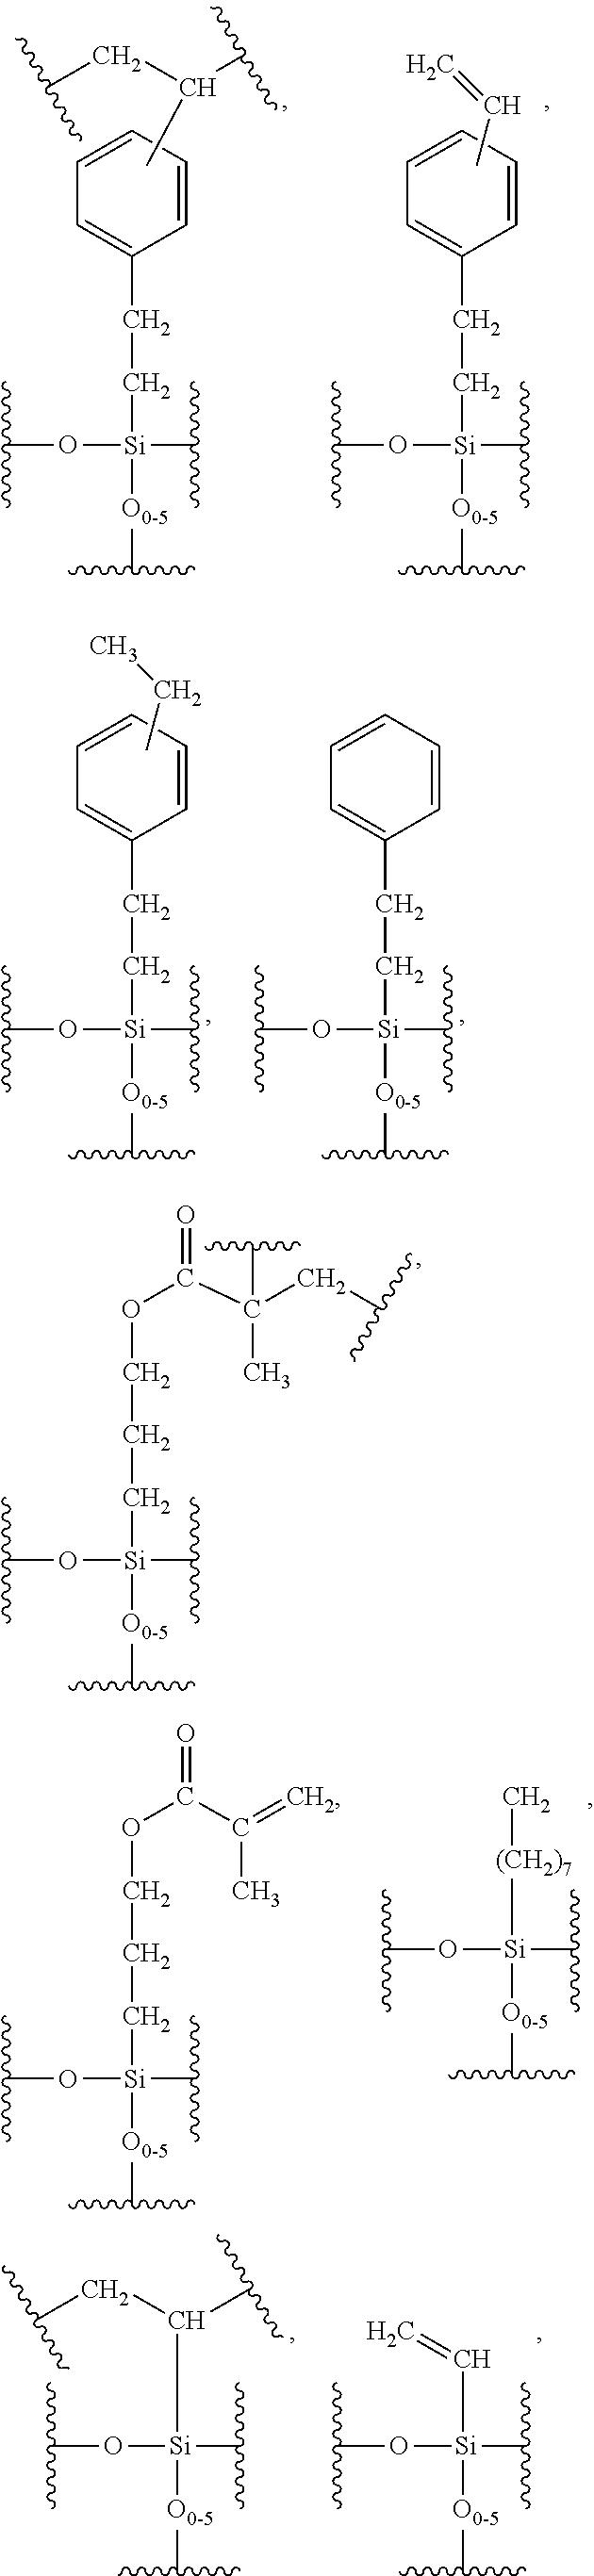 Figure US09211524-20151215-C00022